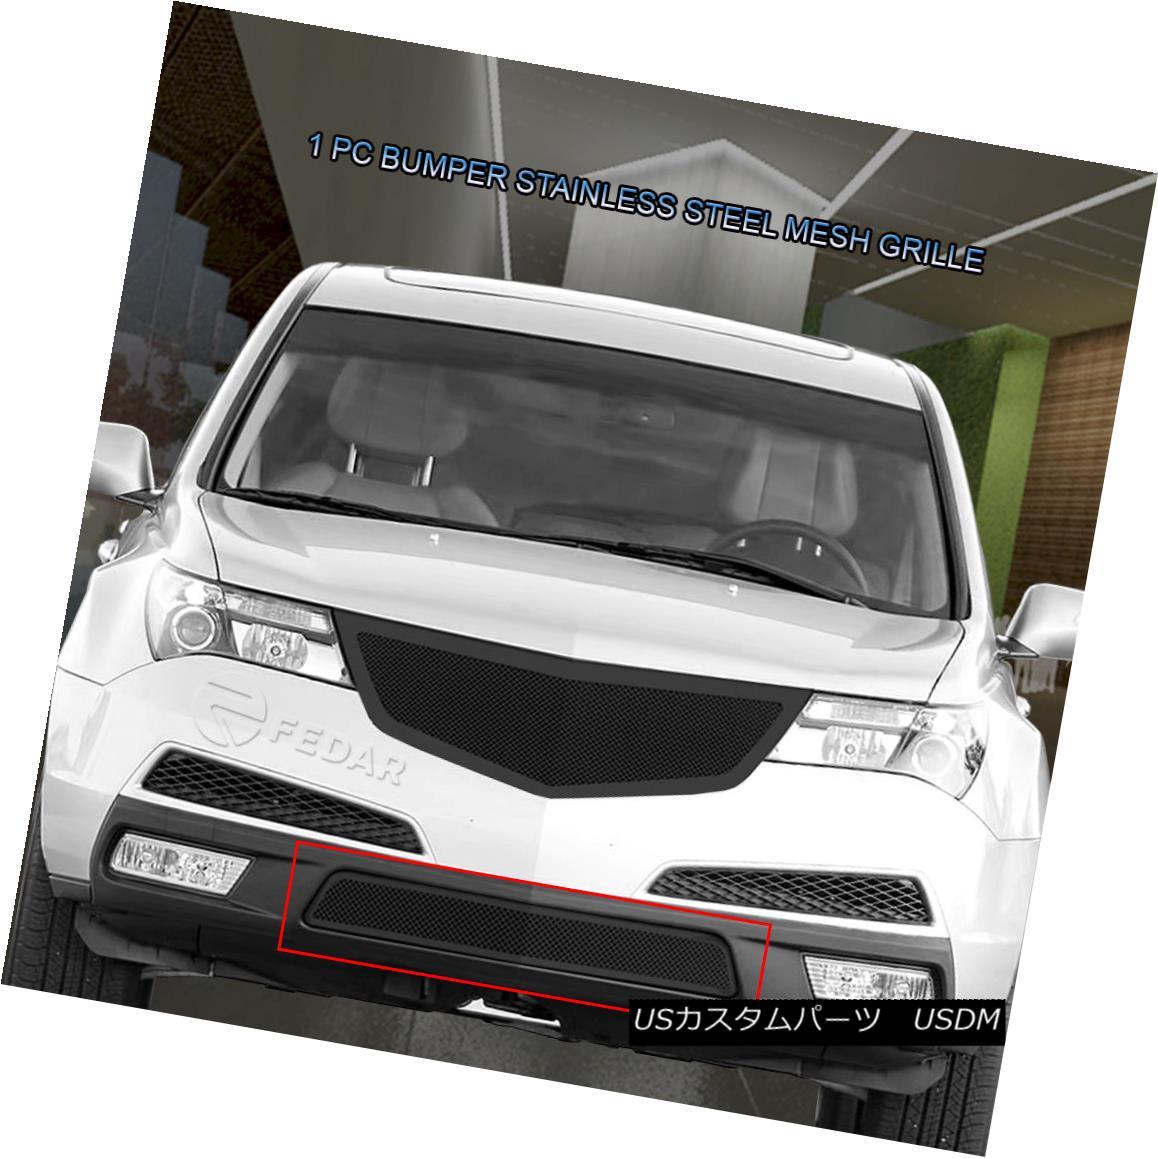 グリル 10-13 Acura MDX Stainless Steel Black Wire Mesh Grille Bumper Grill Insert Fedar 10-13 Acura MDXステンレススチールブラックワイヤーメッシュグリルバンパーグリルインサートフェルダー